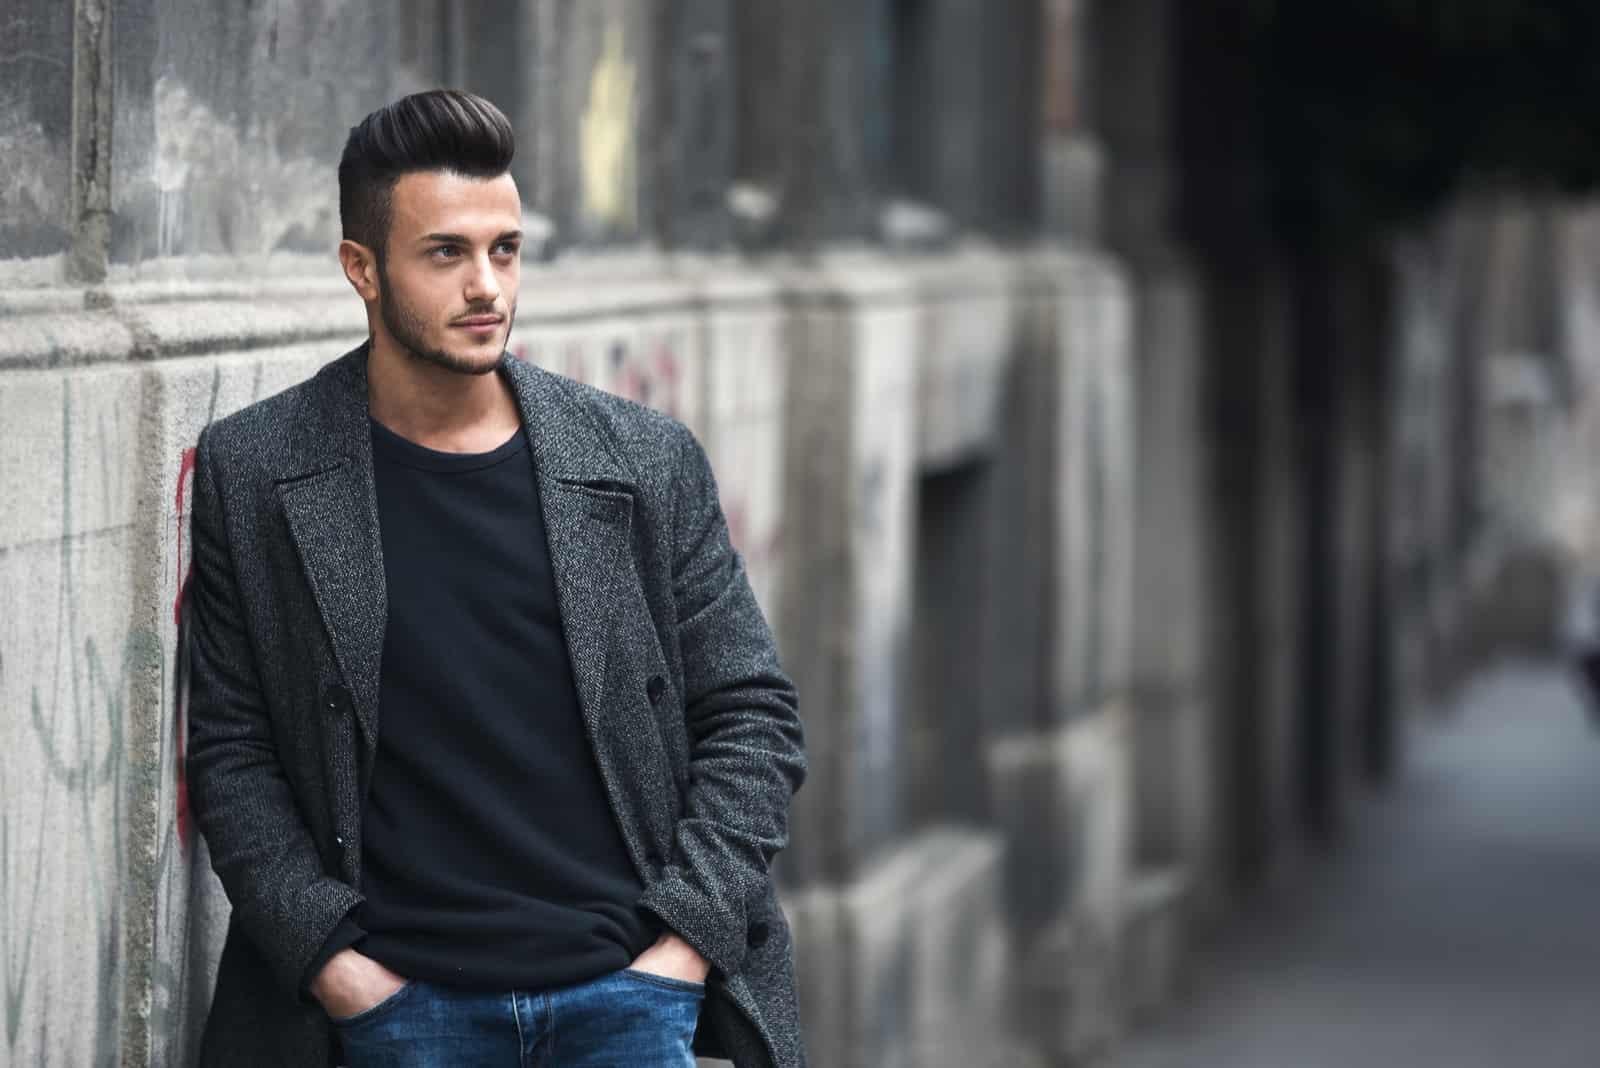 schöner stilvoller Mann im eleganten Mantel